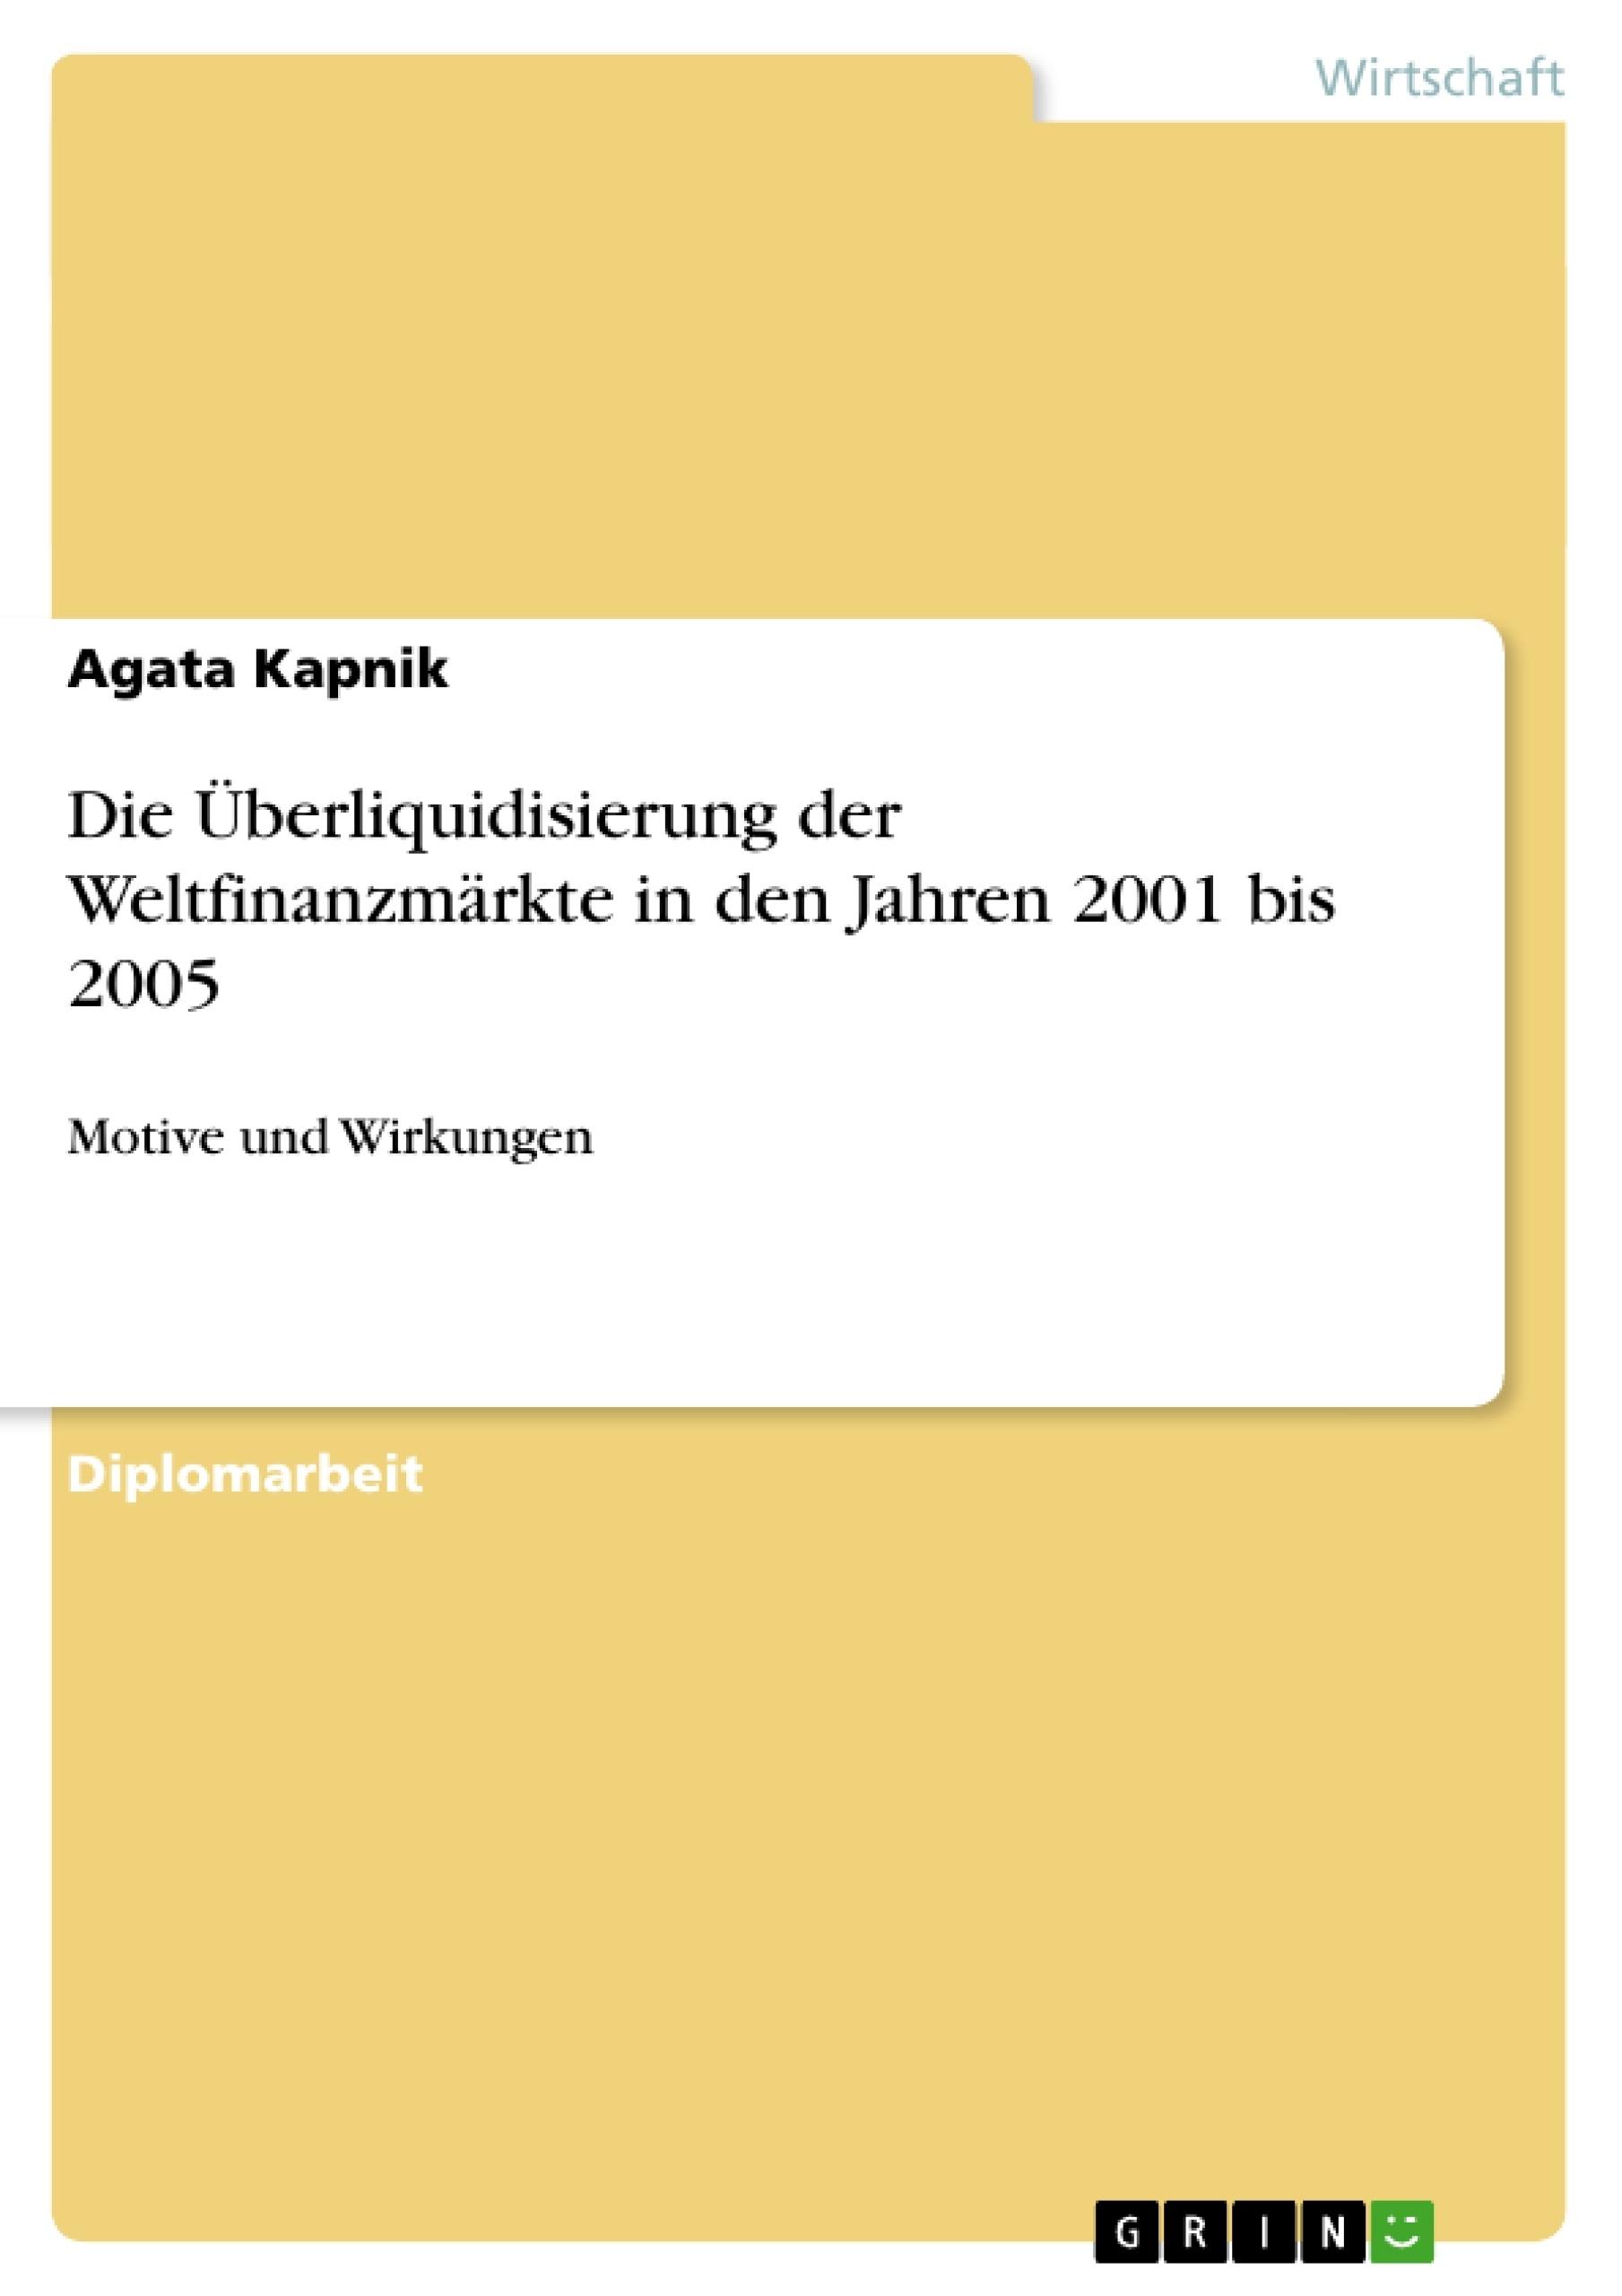 Titel: Die Überliquidisierung der Weltfinanzmärkte in den Jahren 2001 bis 2005